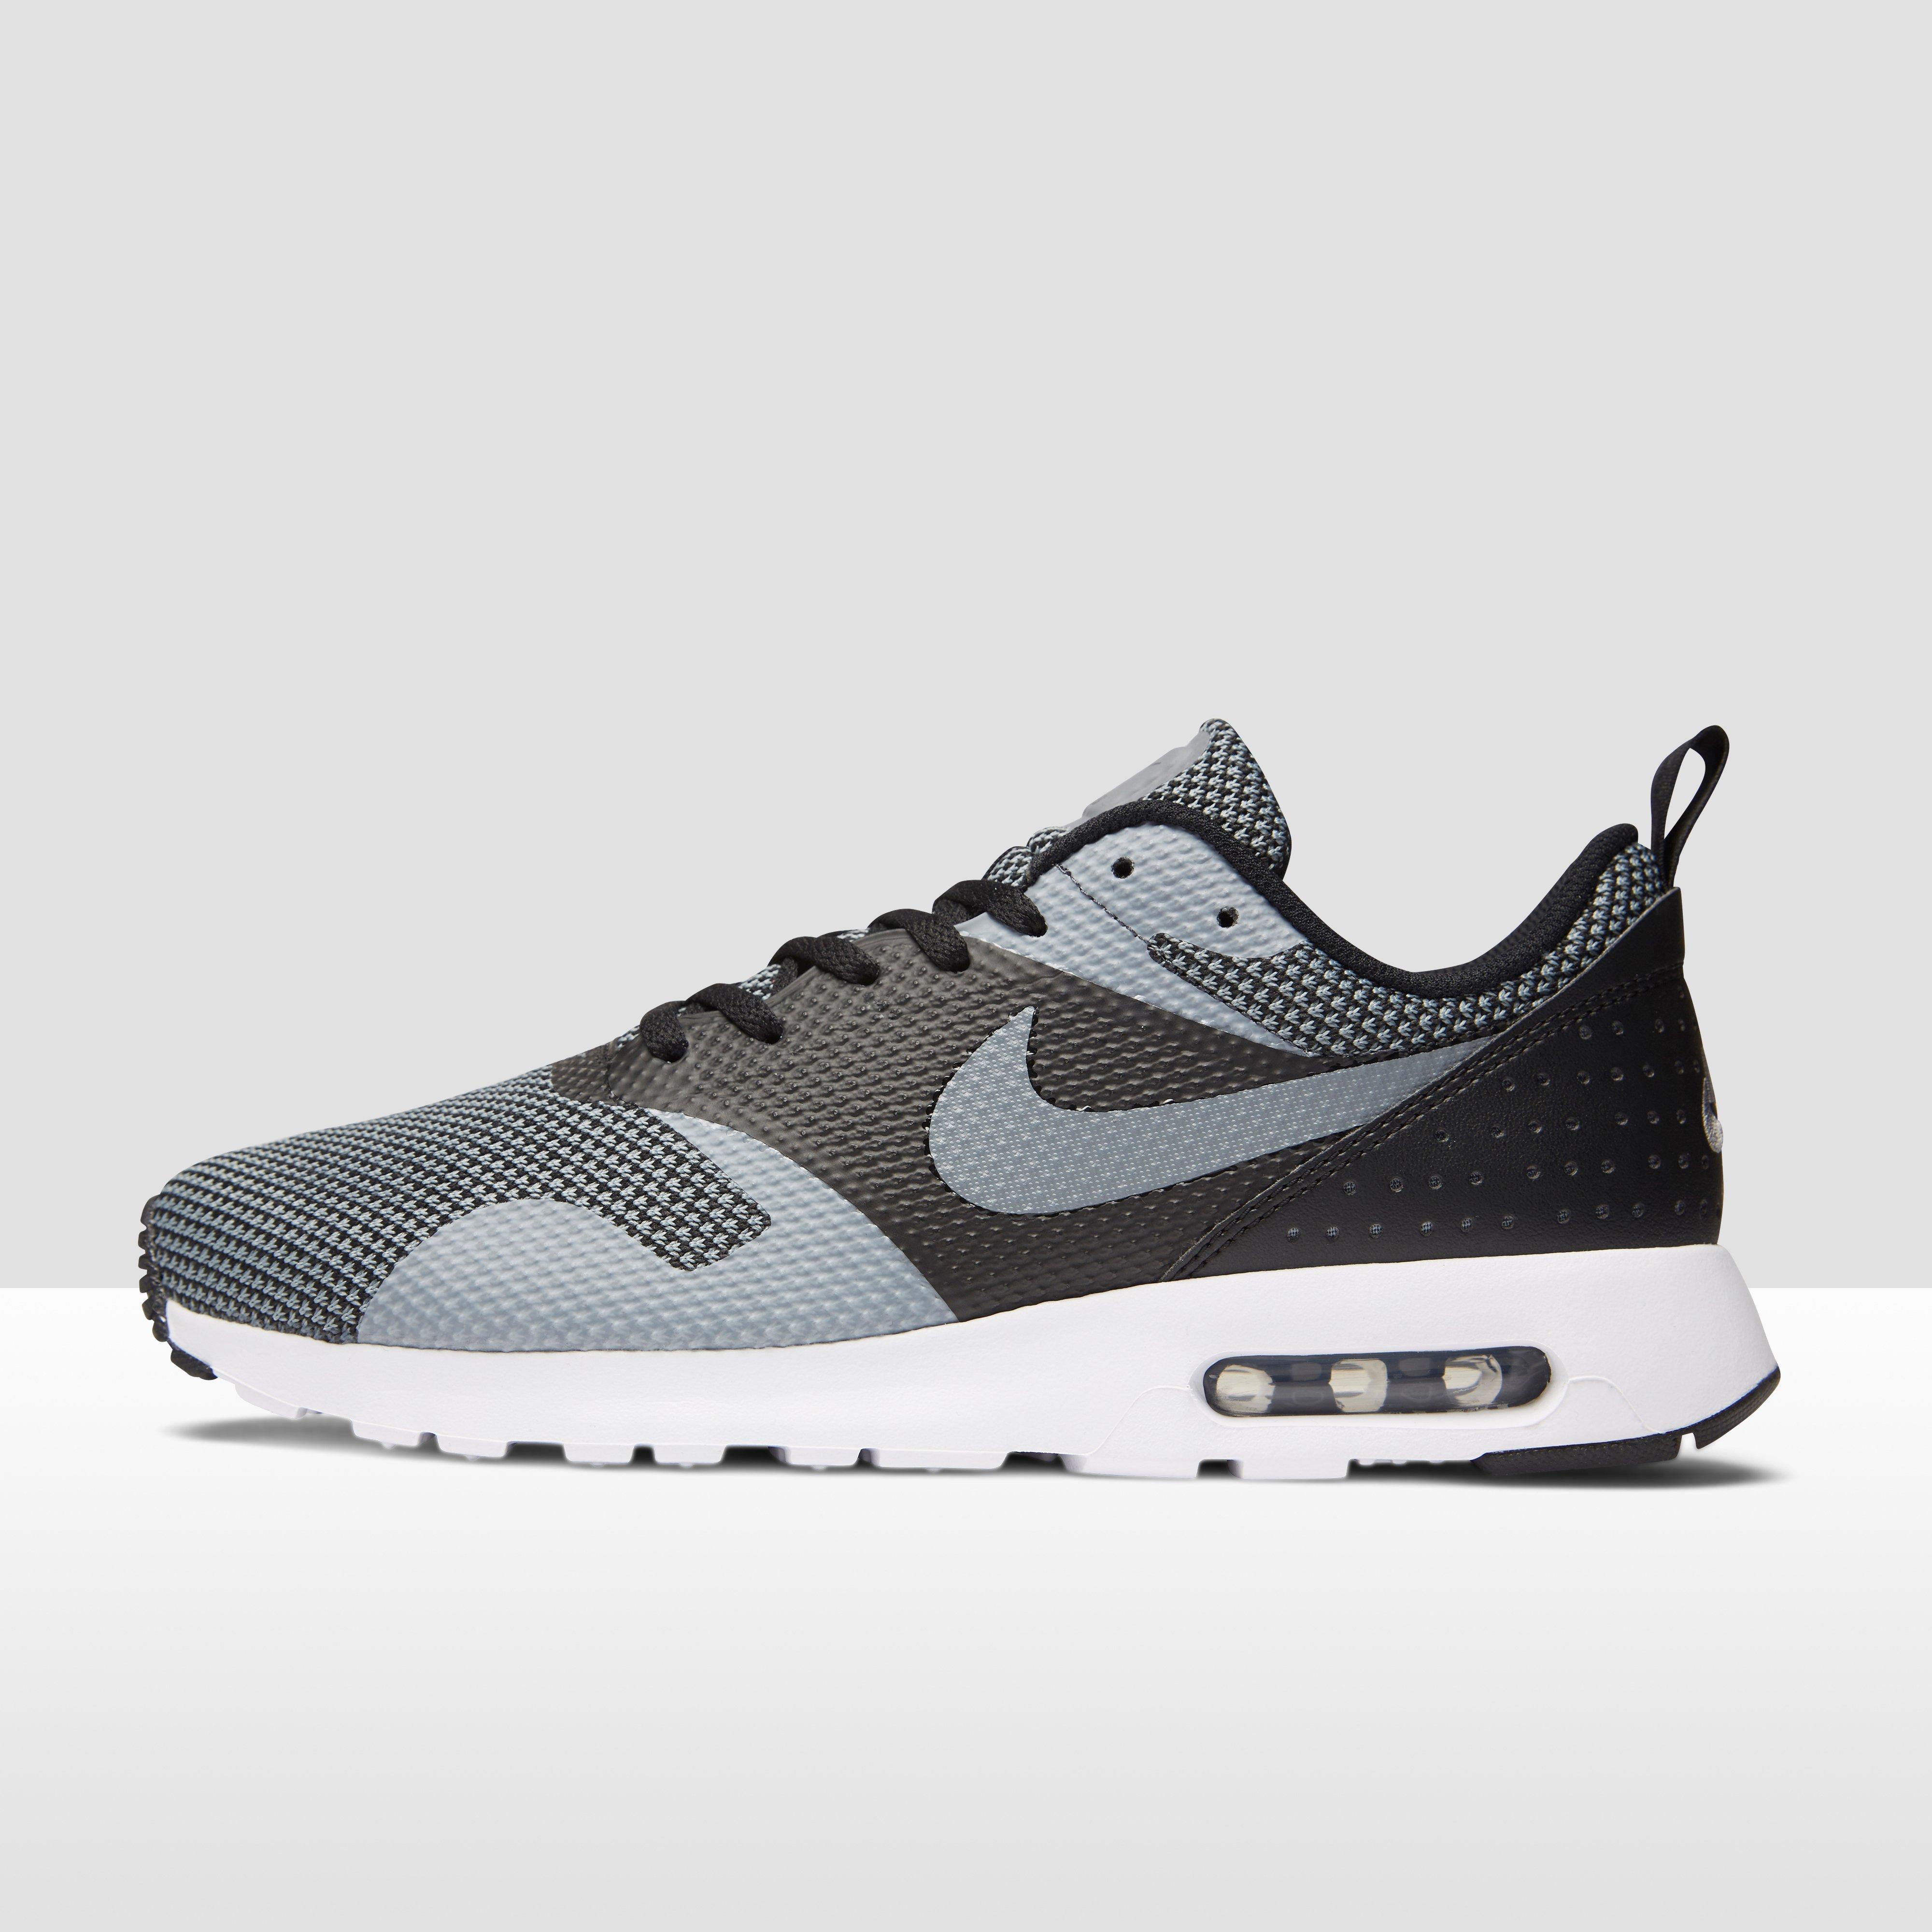 Chaussures Nike Air Max Gris Pour Les Hommes Tavas bBuS5